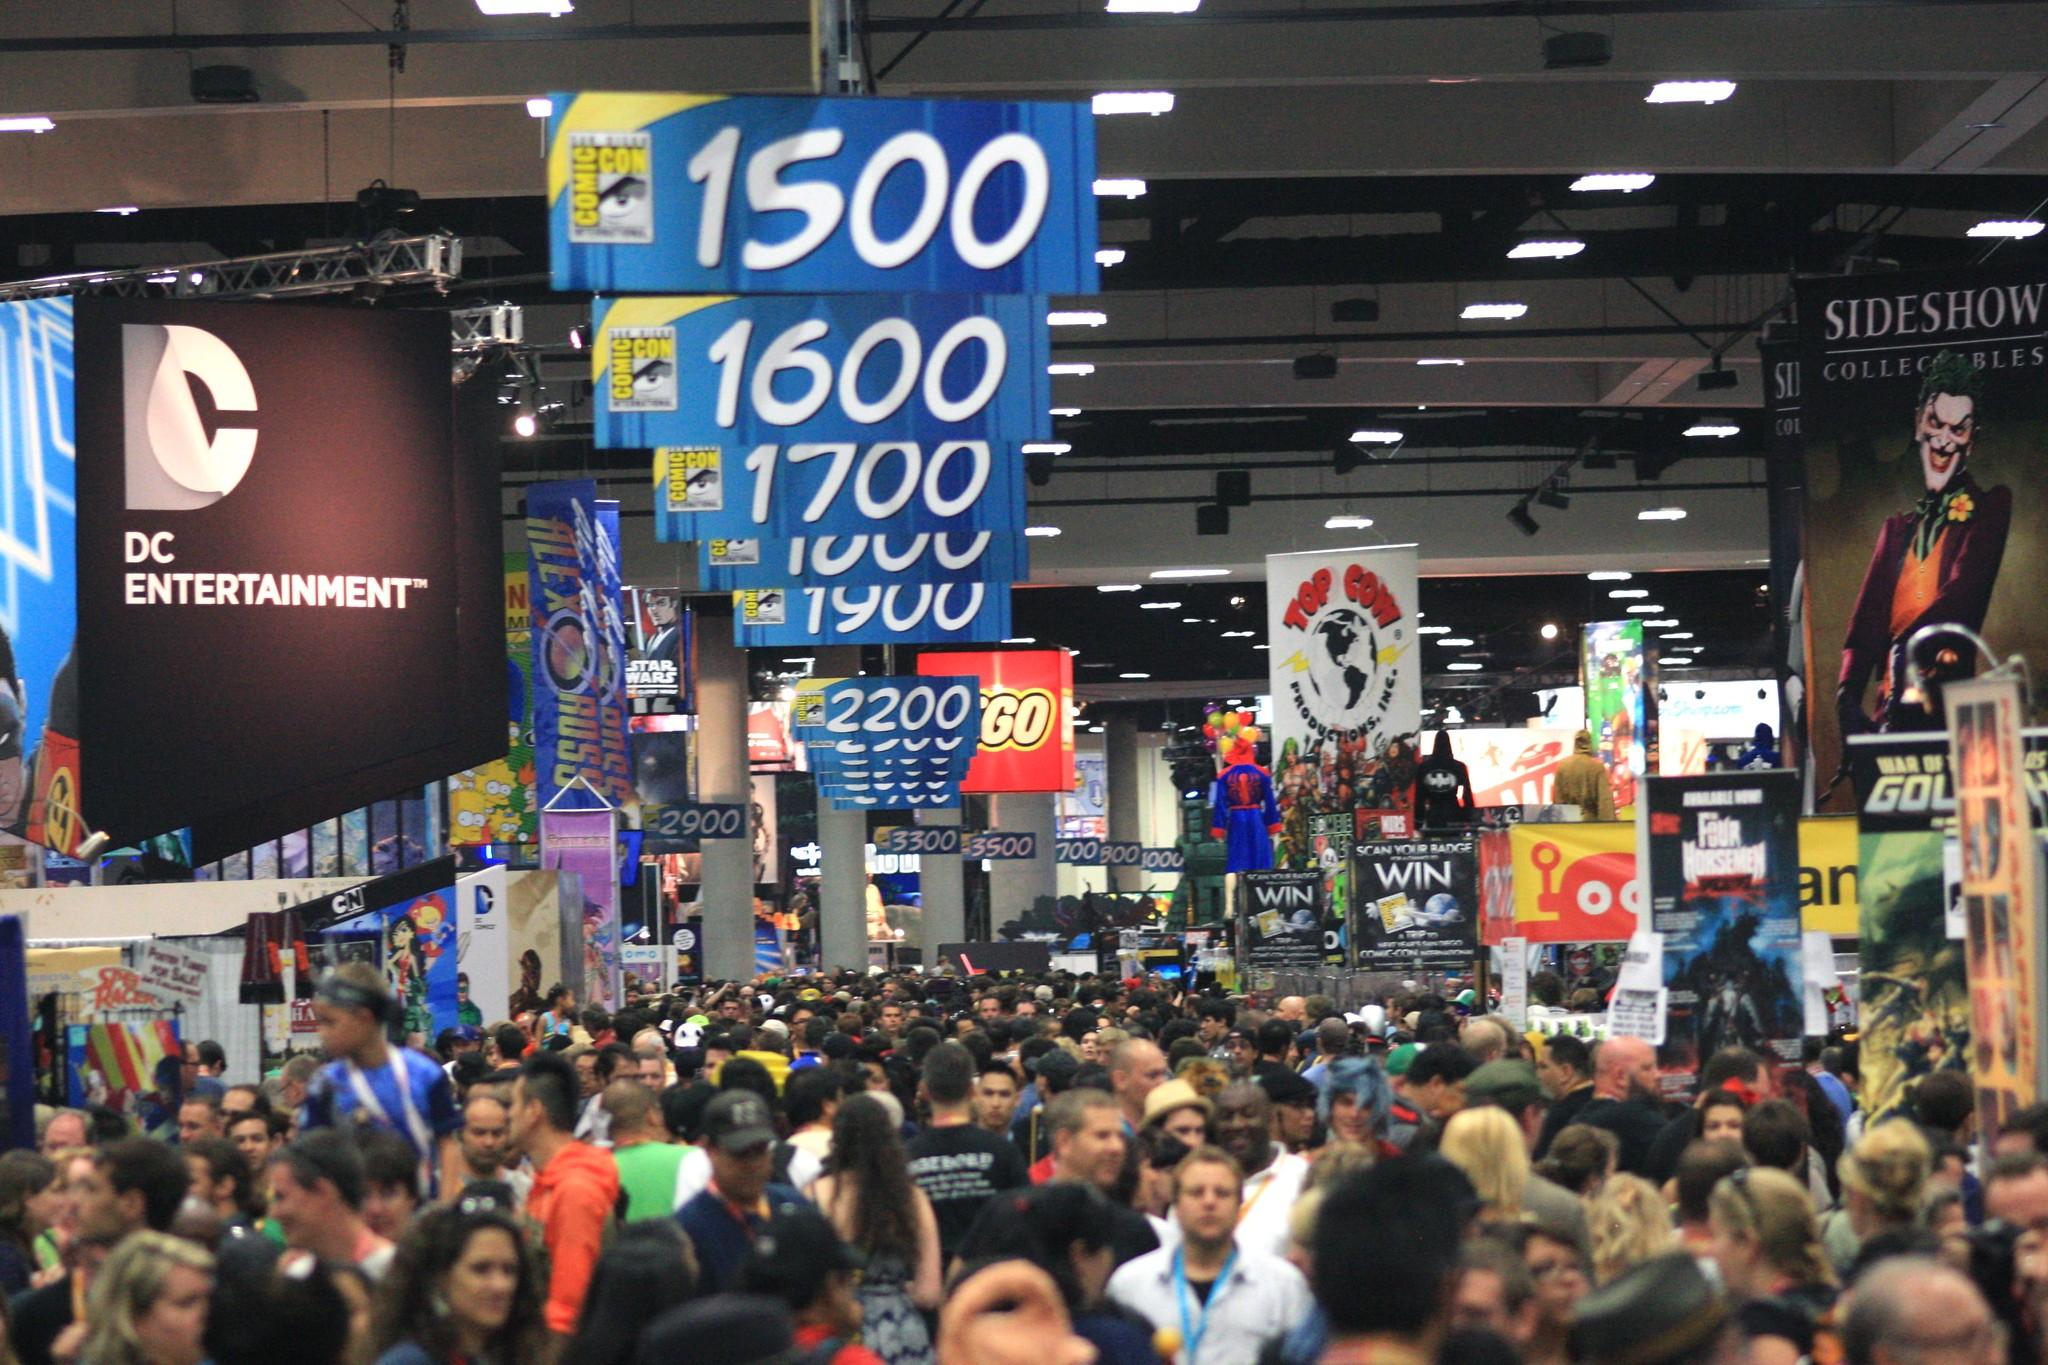 A Comic-Con em San Diego atrai milhares de pessoas todos os anos (Foto: Kevin Dooley/Flickr/Creative Commons)